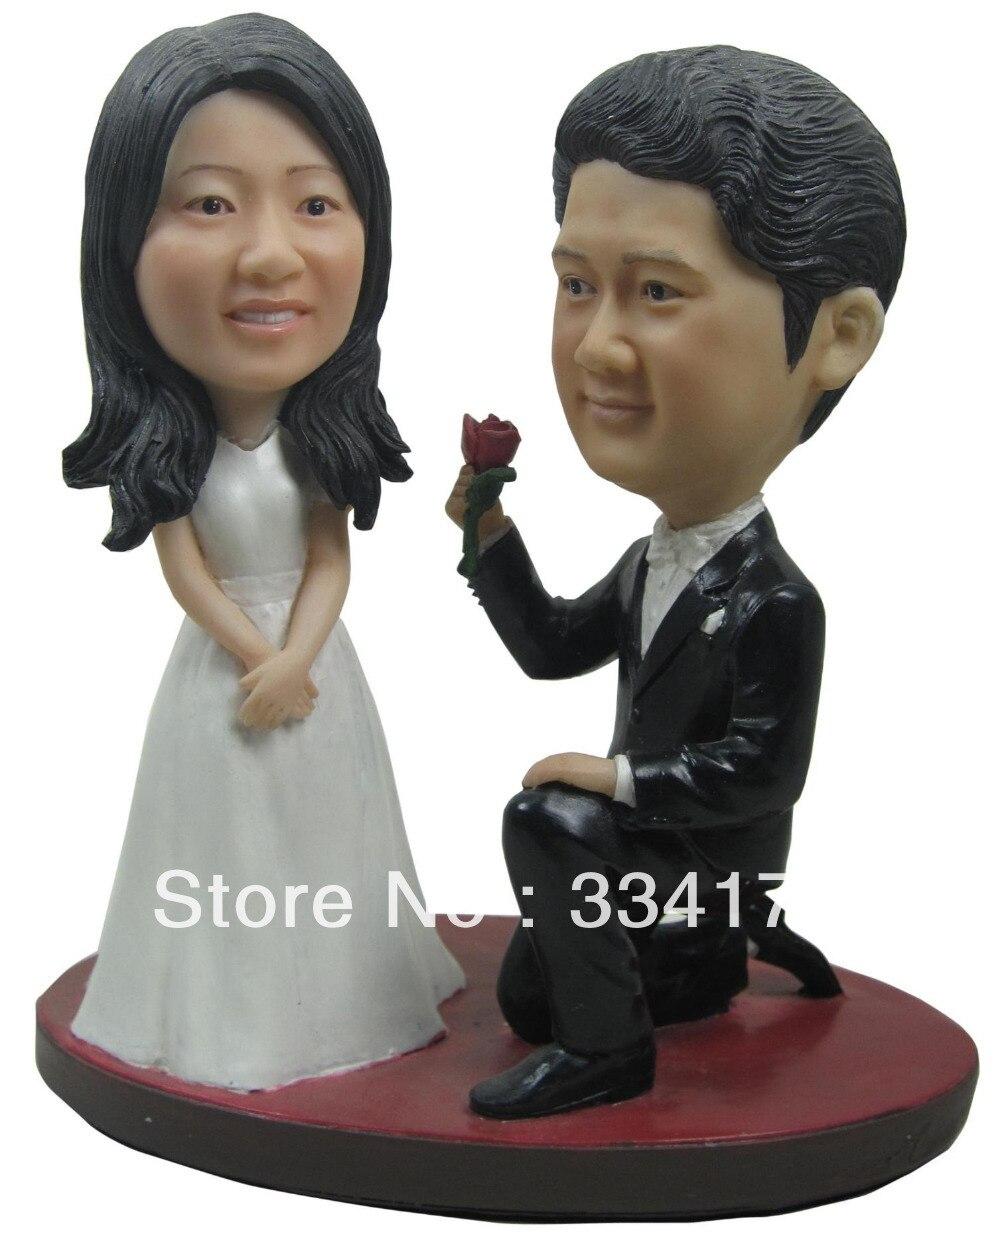 Poupée bobblehead personnalisée épouse-moi cadeau de mariage décoration de mariage corps en polyrésine fixe + tête en polyrésine poupée personnalisée